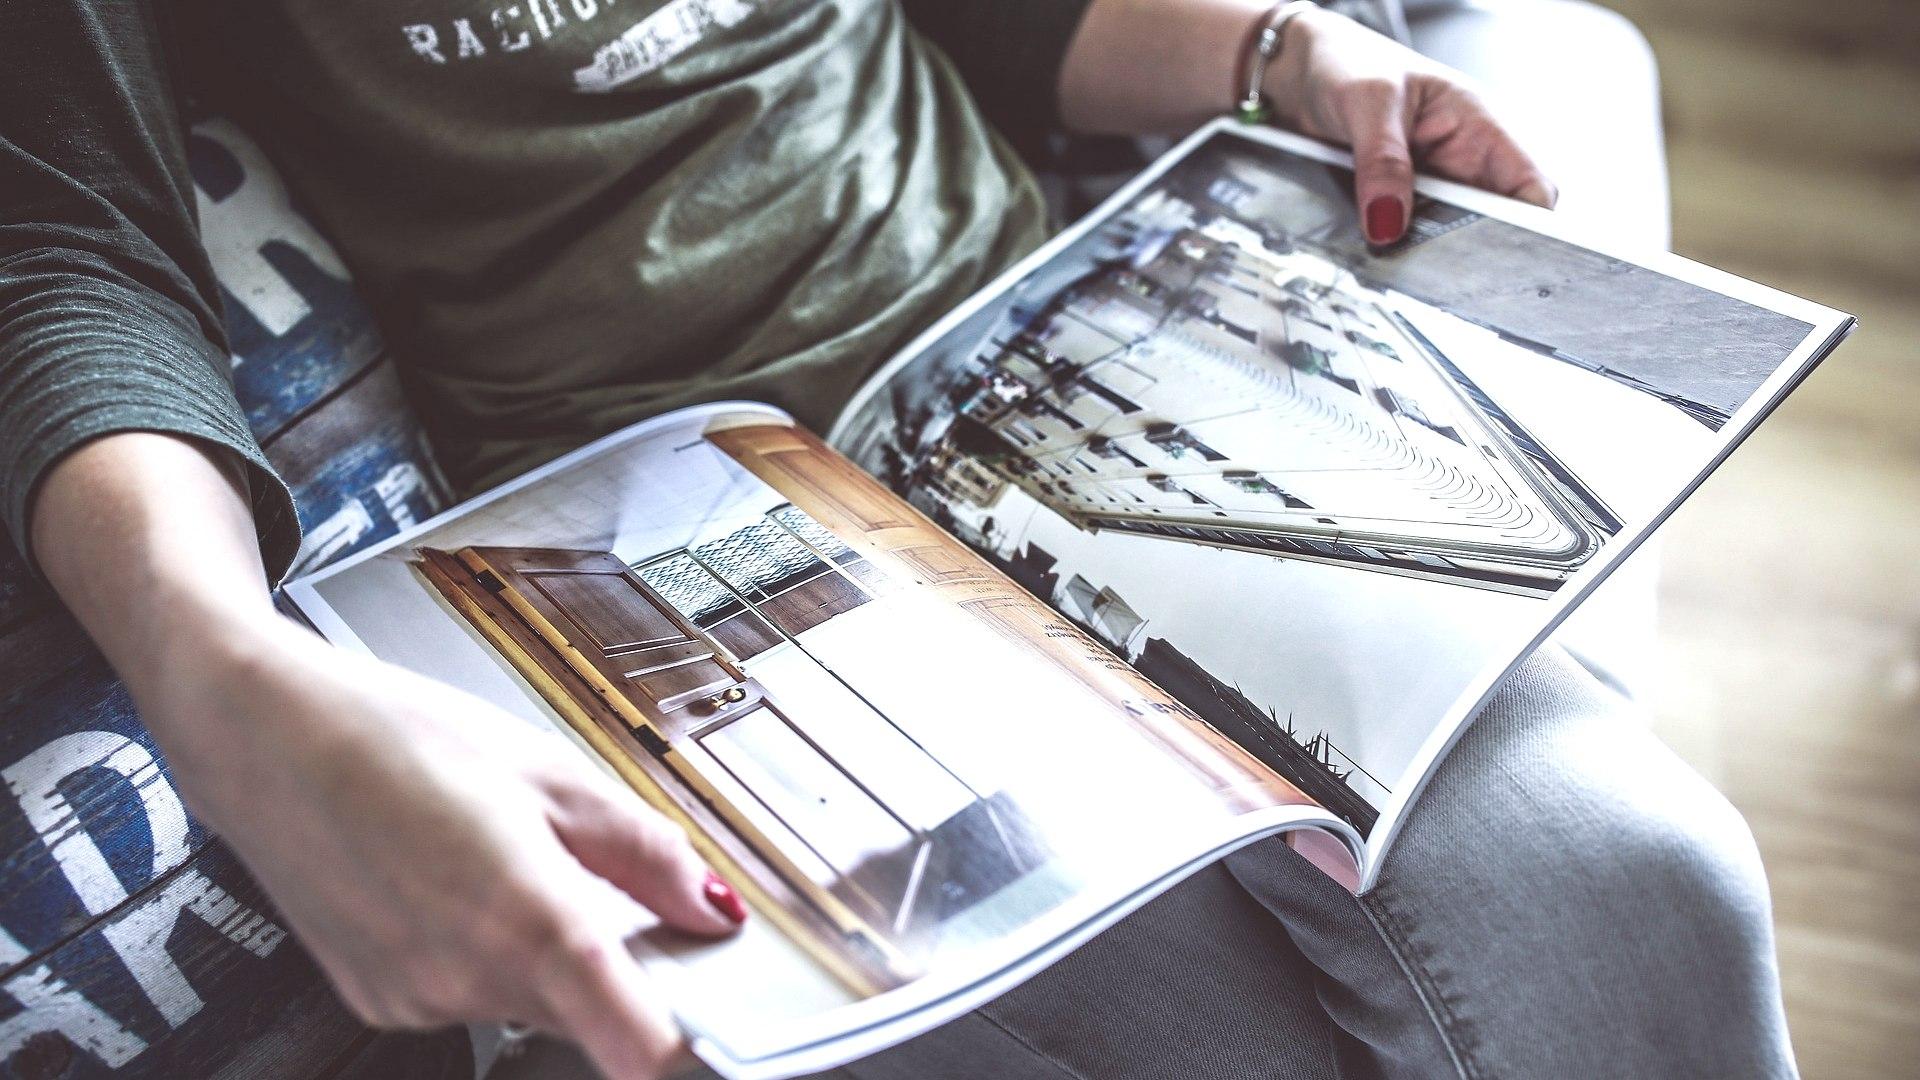 Kataloge bestellen, © pixabay